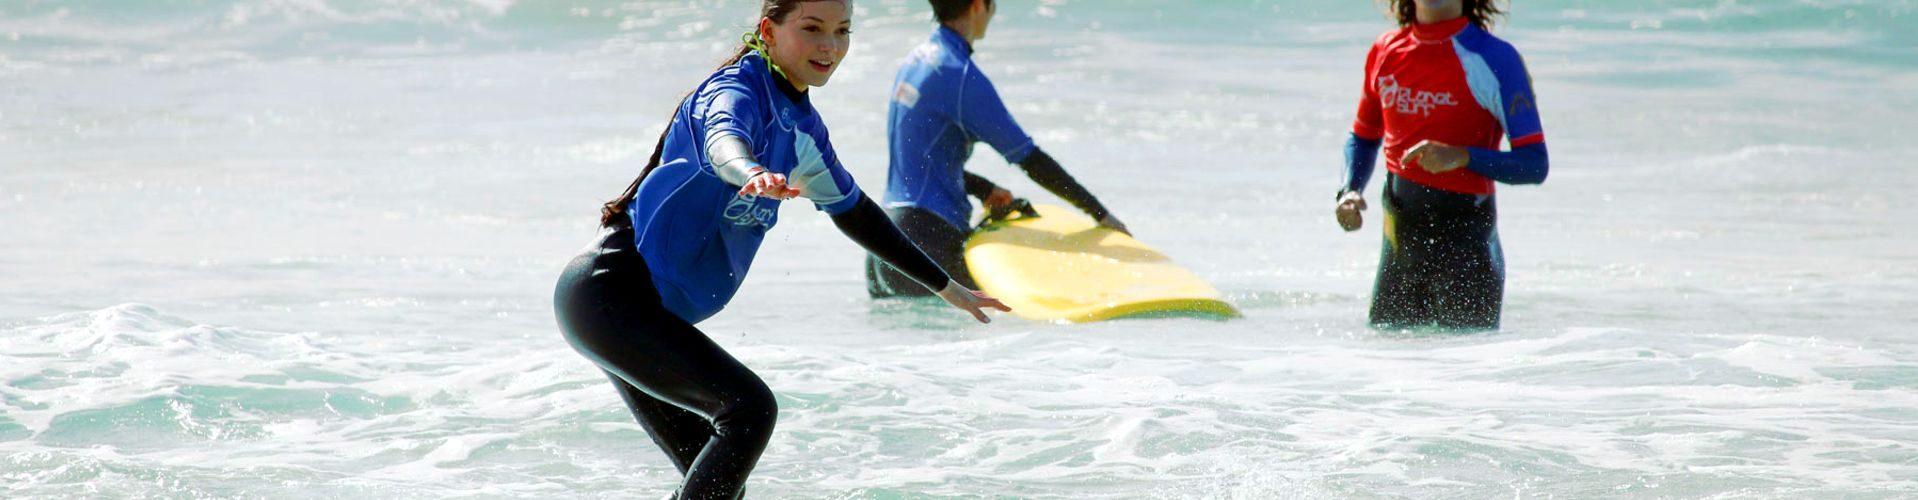 Surf lessons in Vieux Boucau